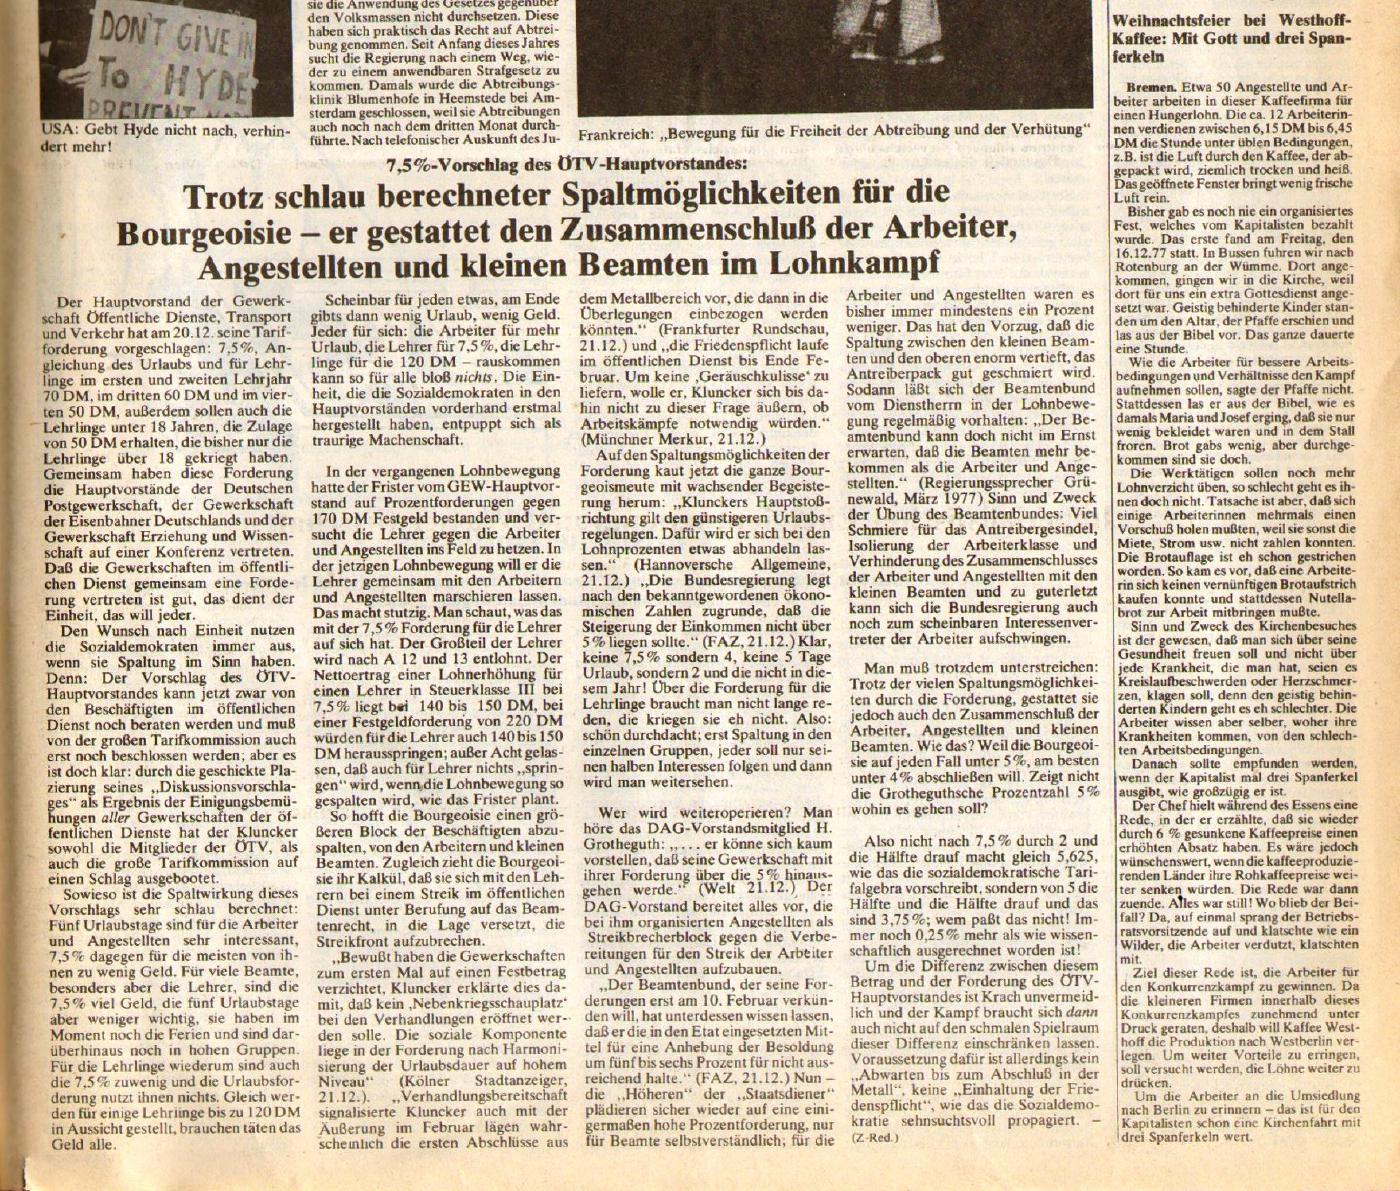 KVZ_Nord_1977_52_18